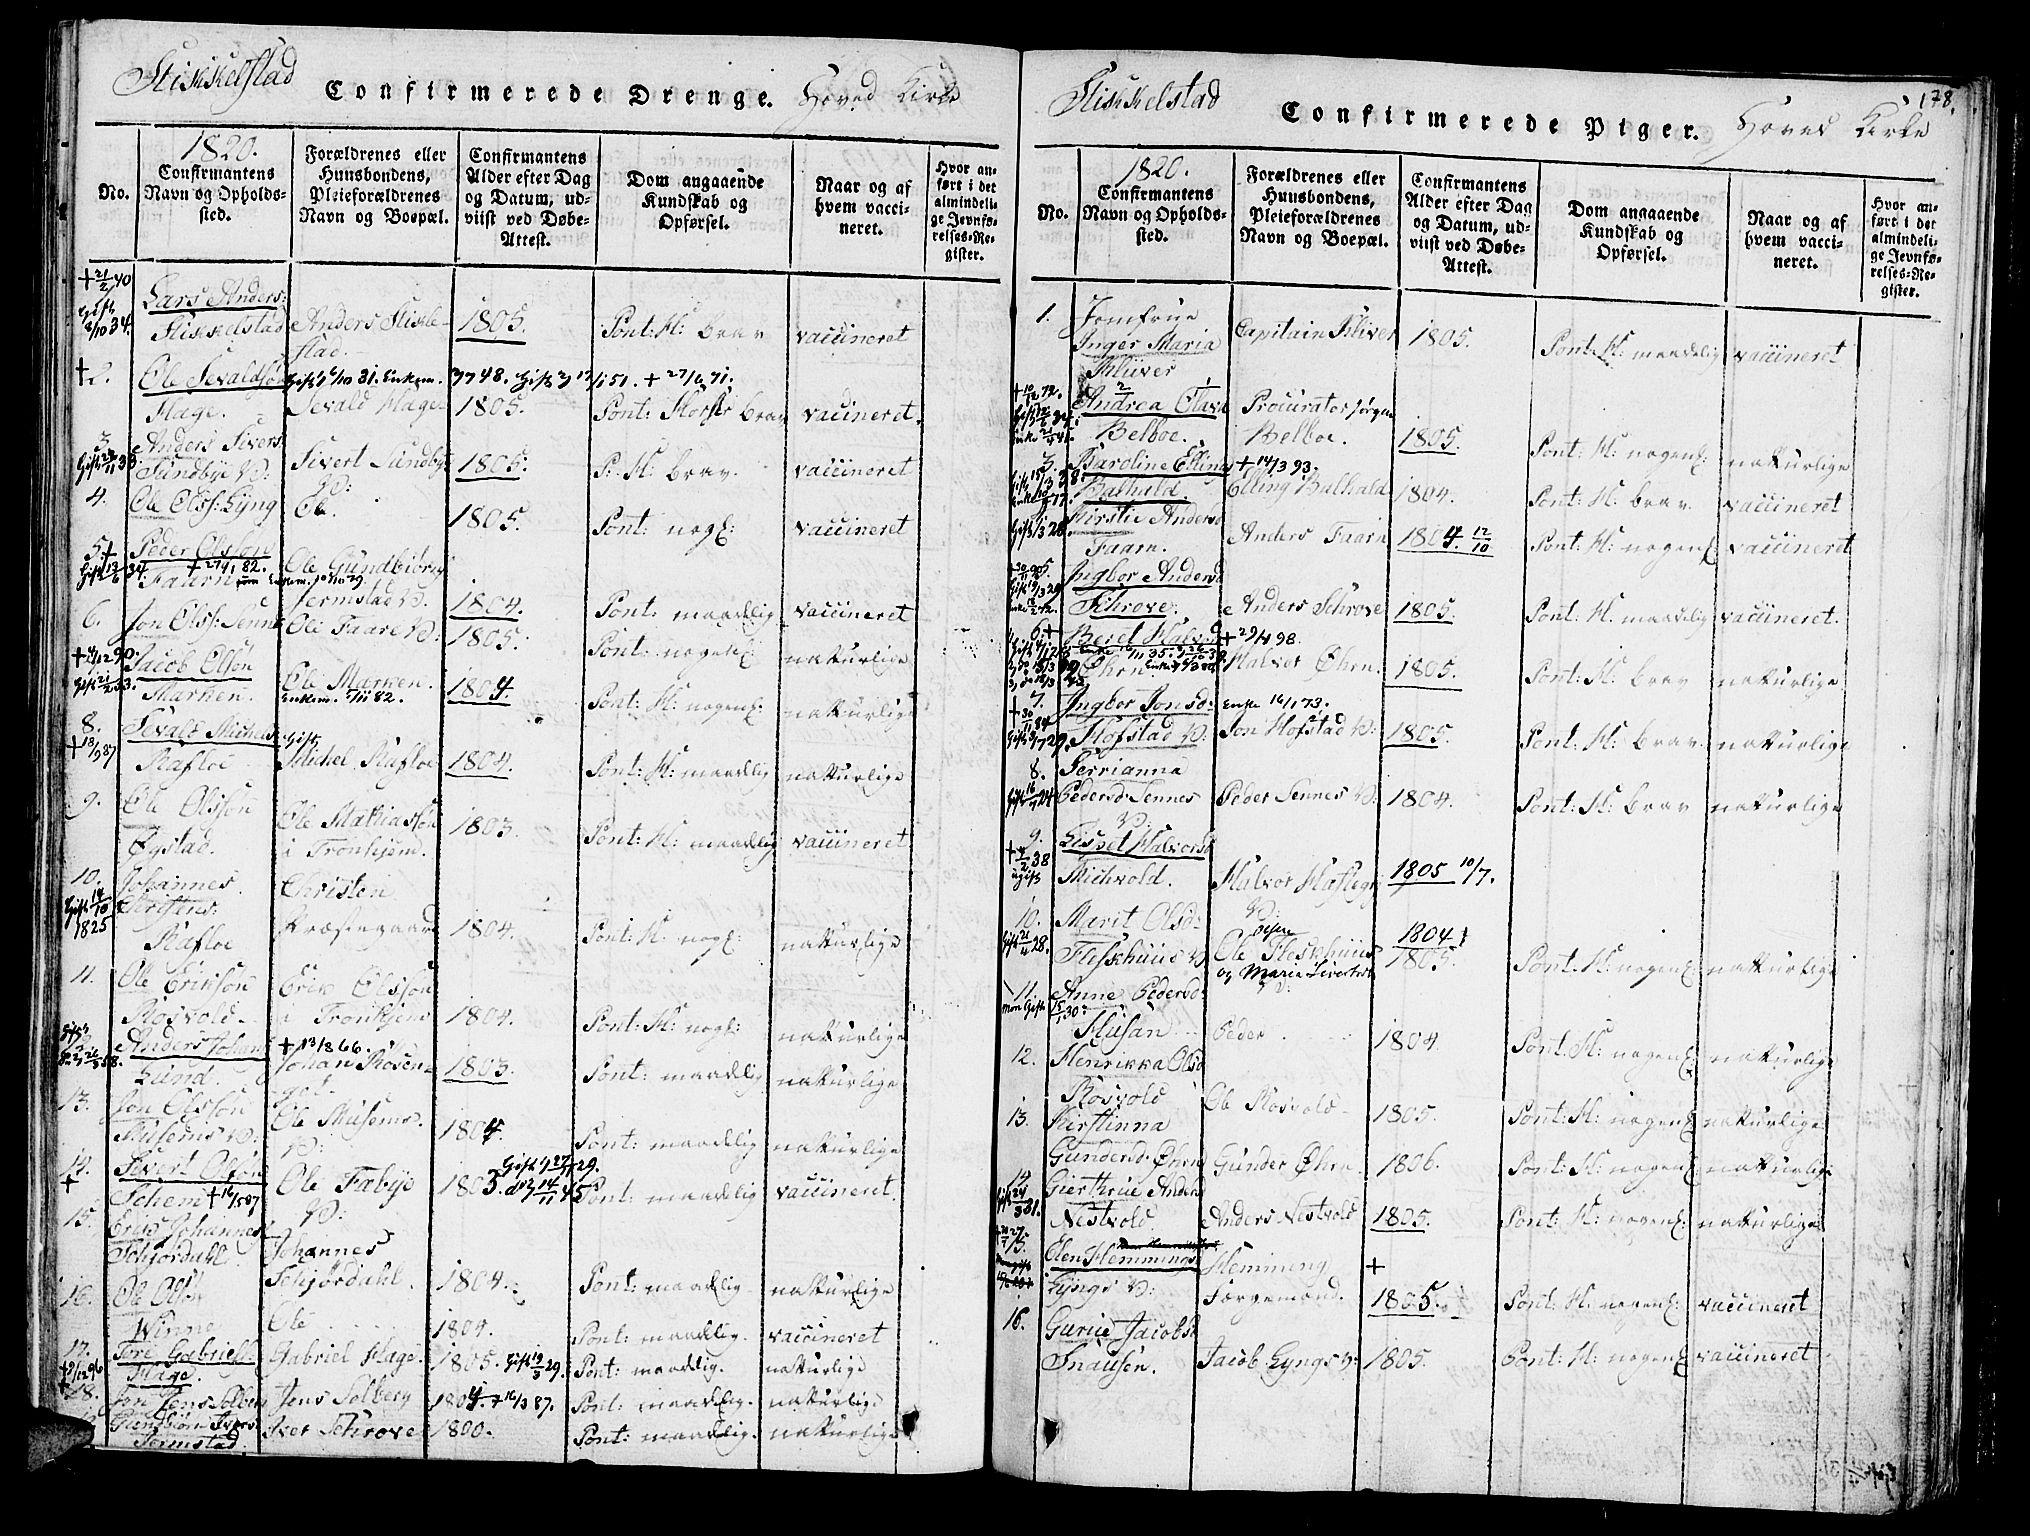 SAT, Ministerialprotokoller, klokkerbøker og fødselsregistre - Nord-Trøndelag, 723/L0234: Ministerialbok nr. 723A05 /1, 1816-1840, s. 178